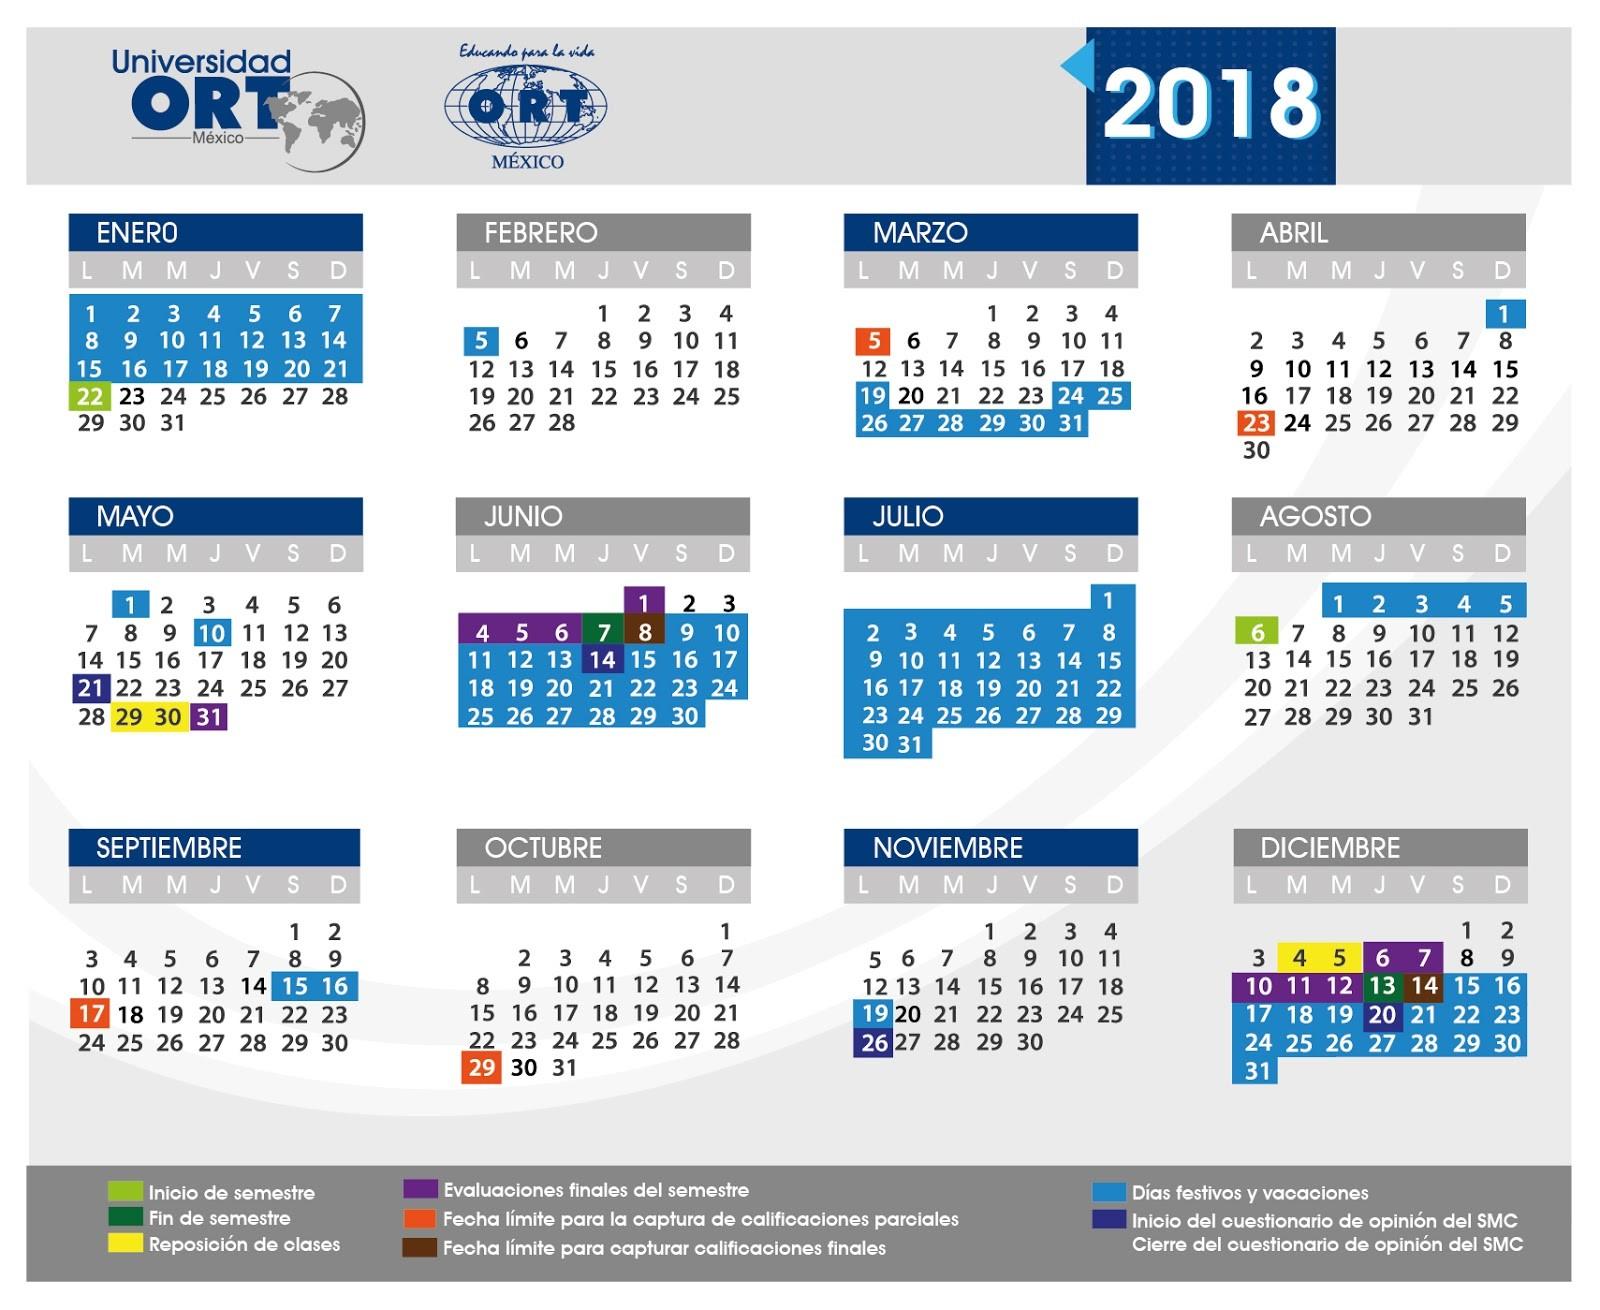 CALENDARIO LABORAL VIGO 2018 ¡Descárgalo Gratis